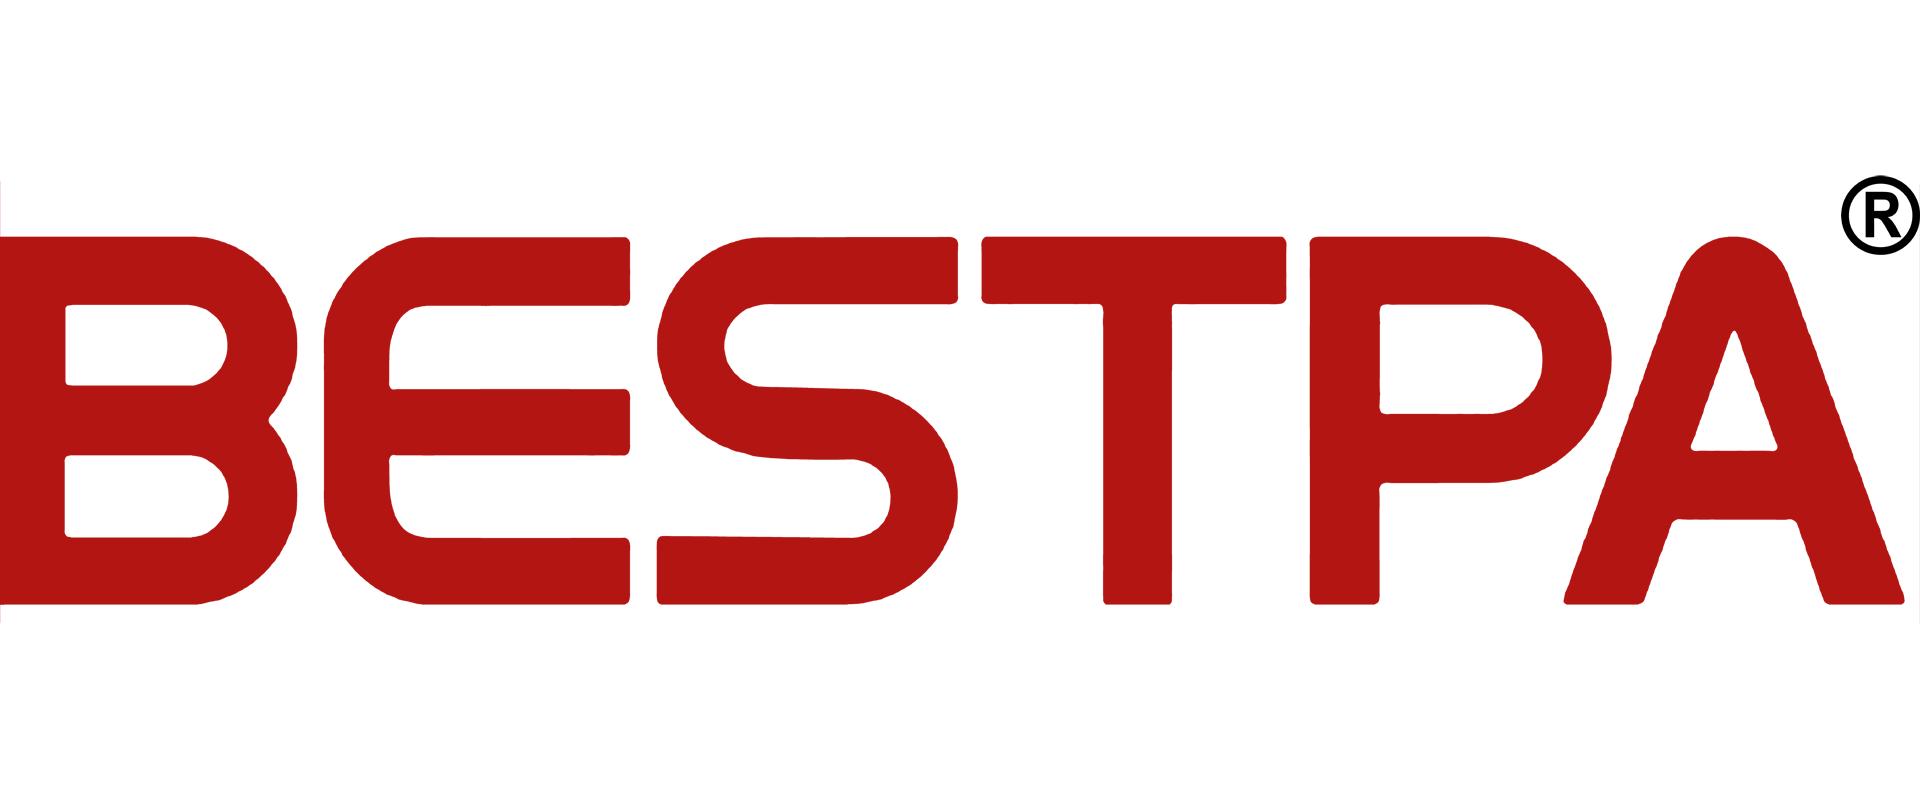 广州畅世智能科技有限公司(贝声BESTPA)简介——贝声BESTPA产品品牌商标LOGO标志